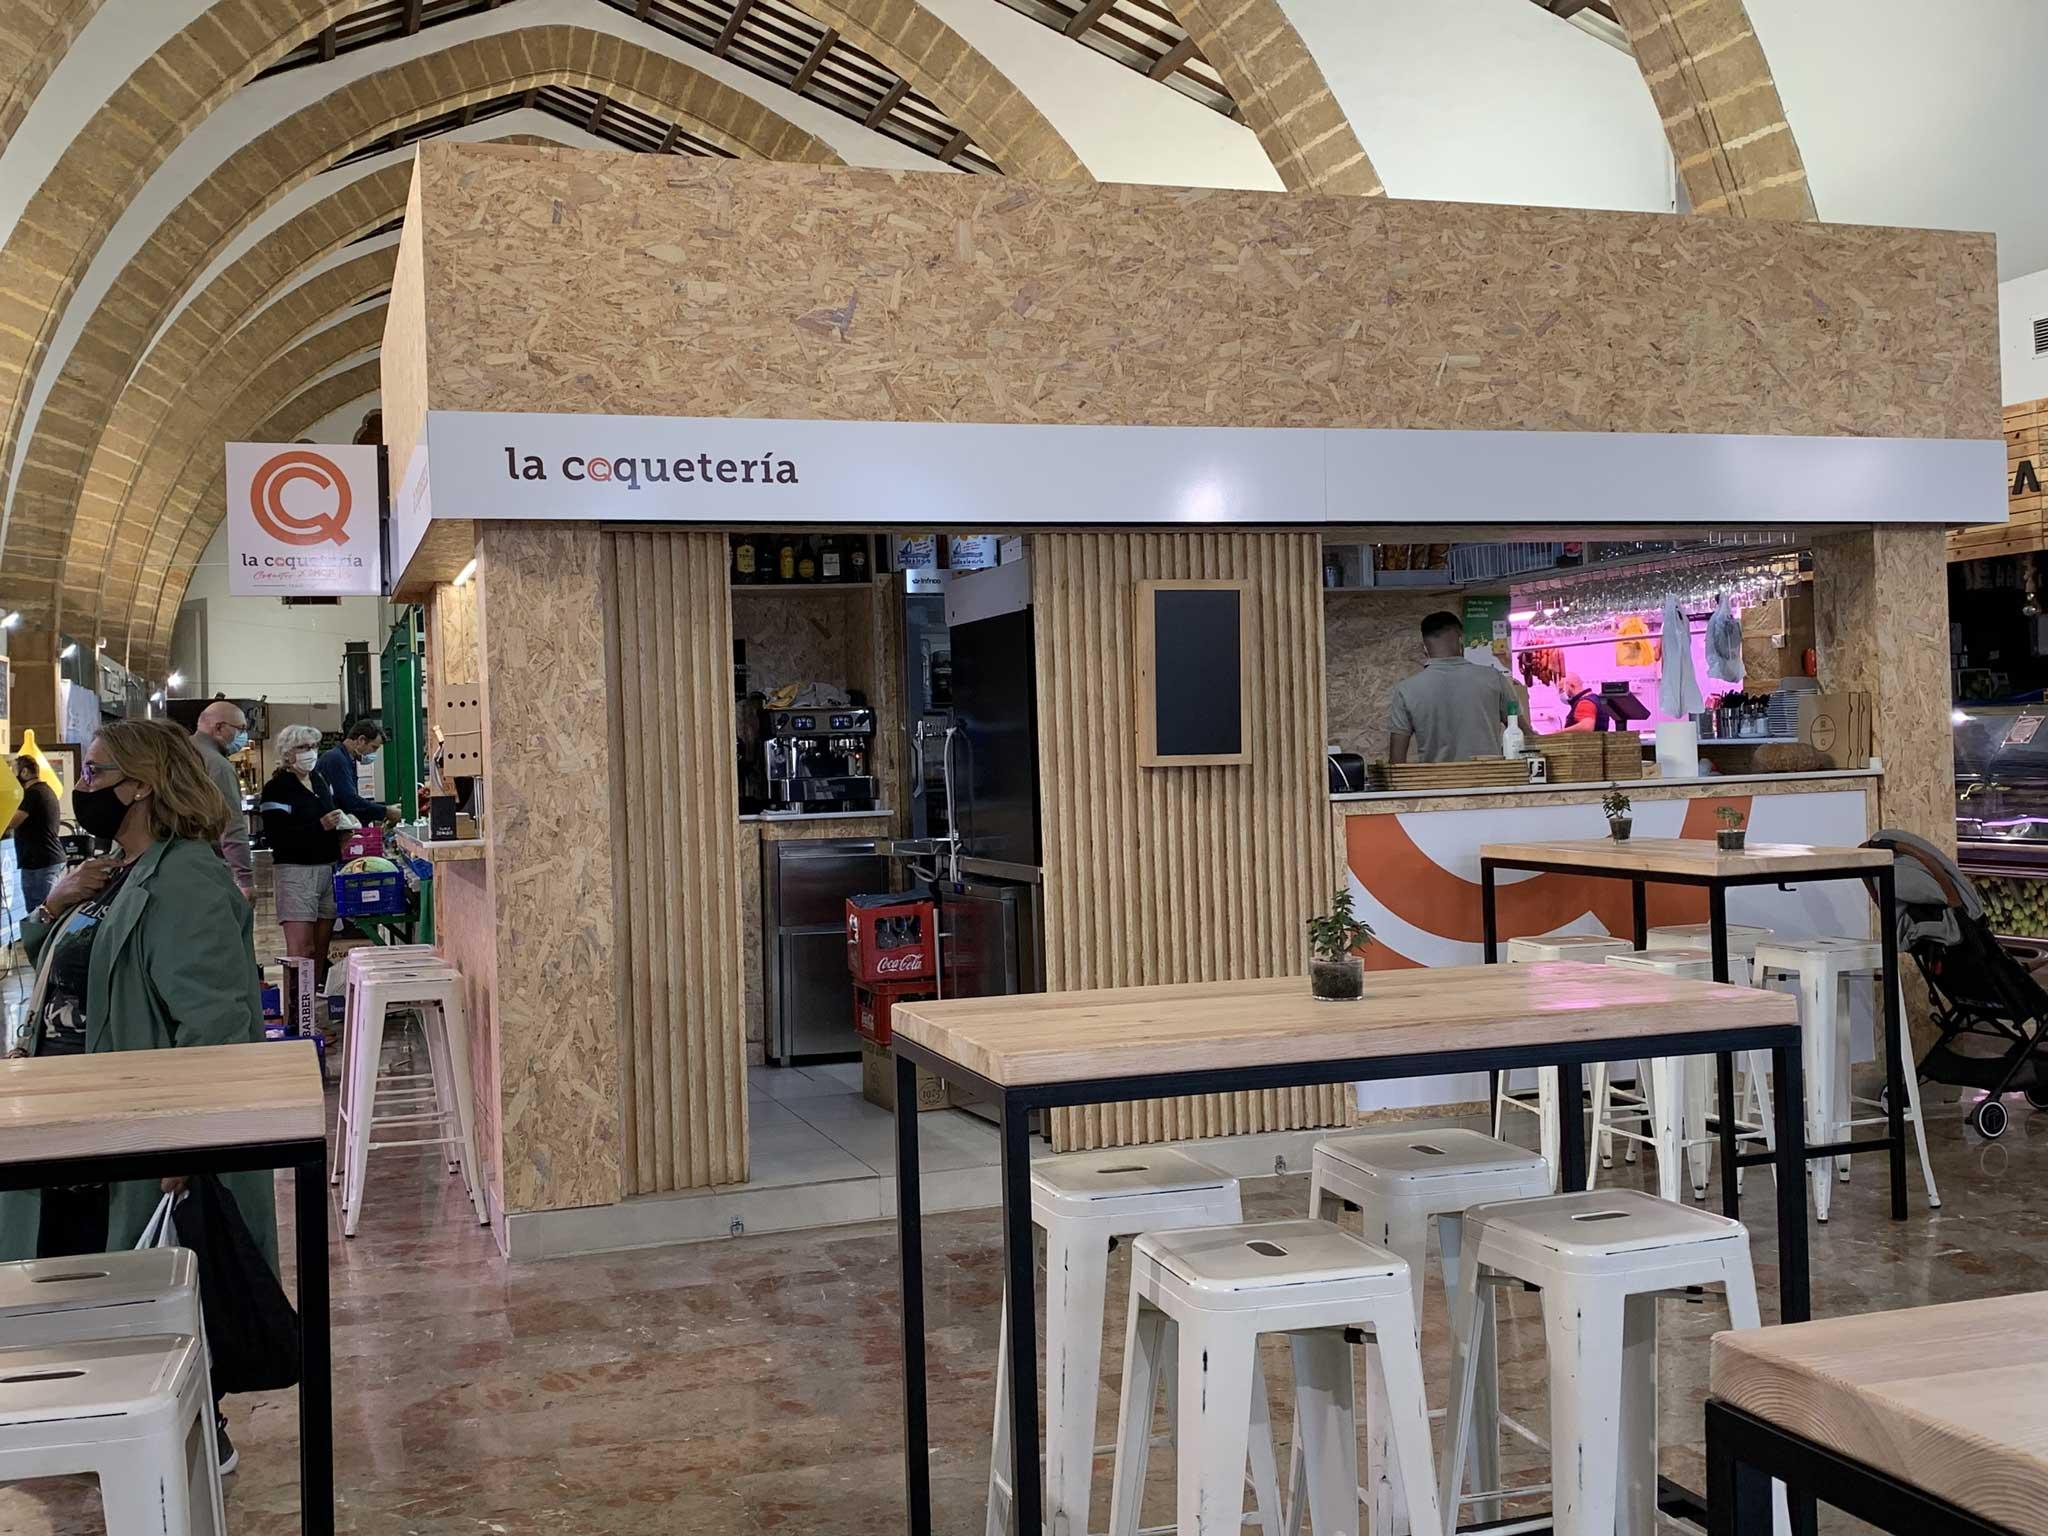 Mejor bar en Javea – La Coqueteria del mercat